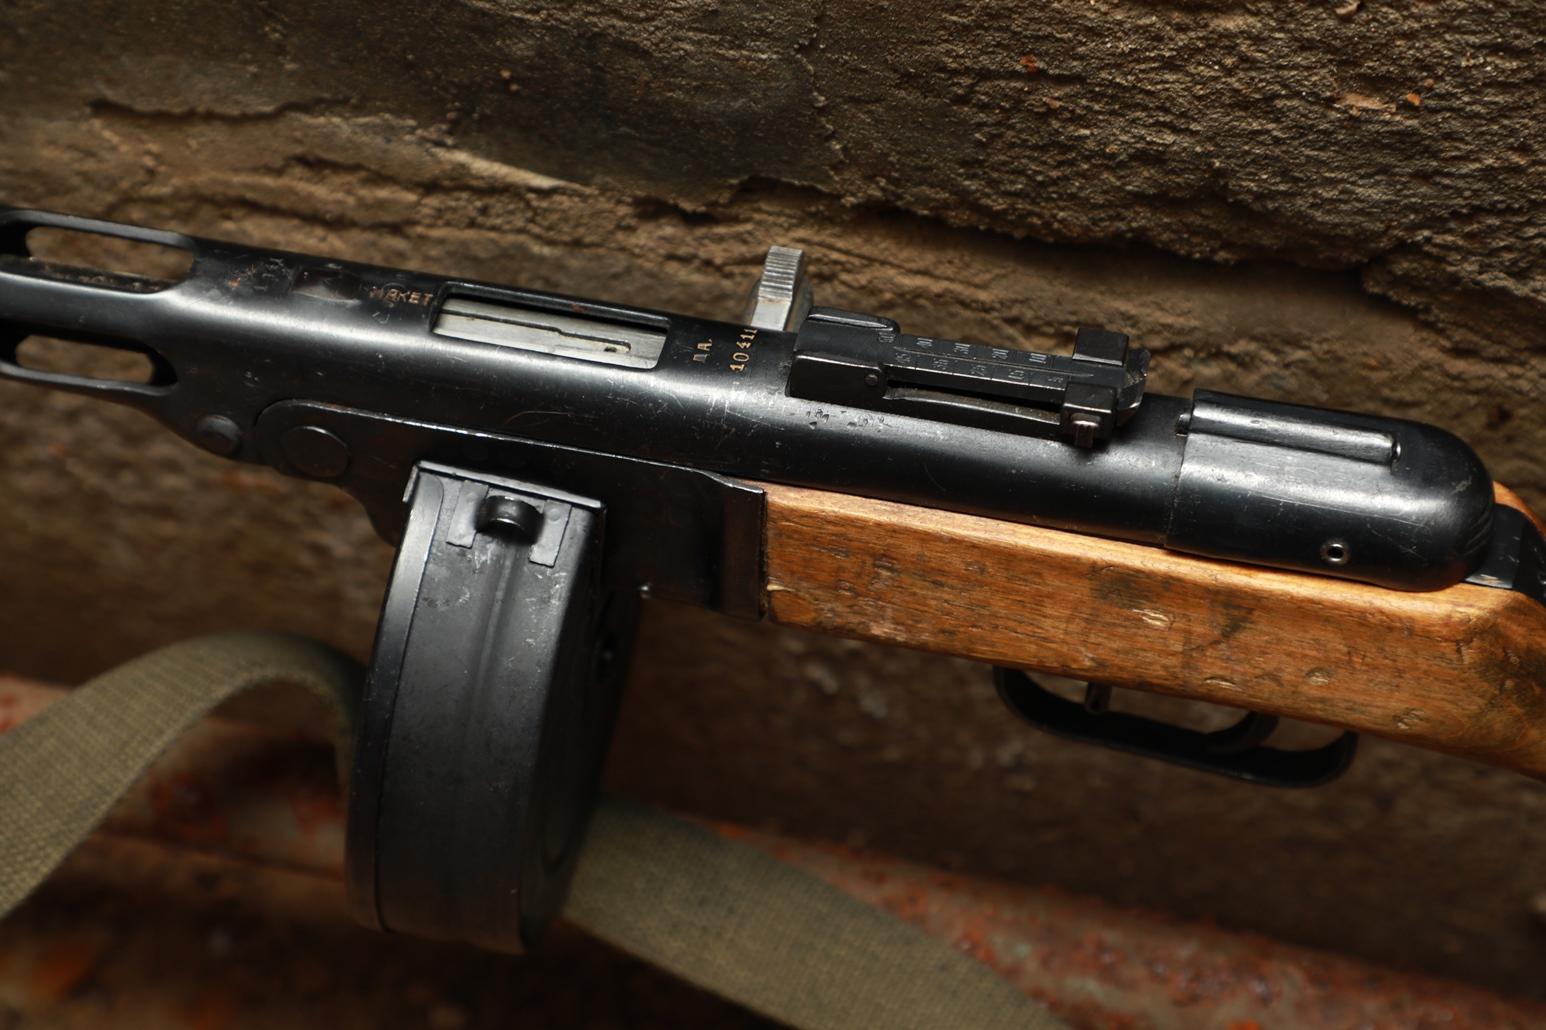 Пистолет-пулемет ППШ 1941 года №ДА10411, секторный прицел, завод ЗИС